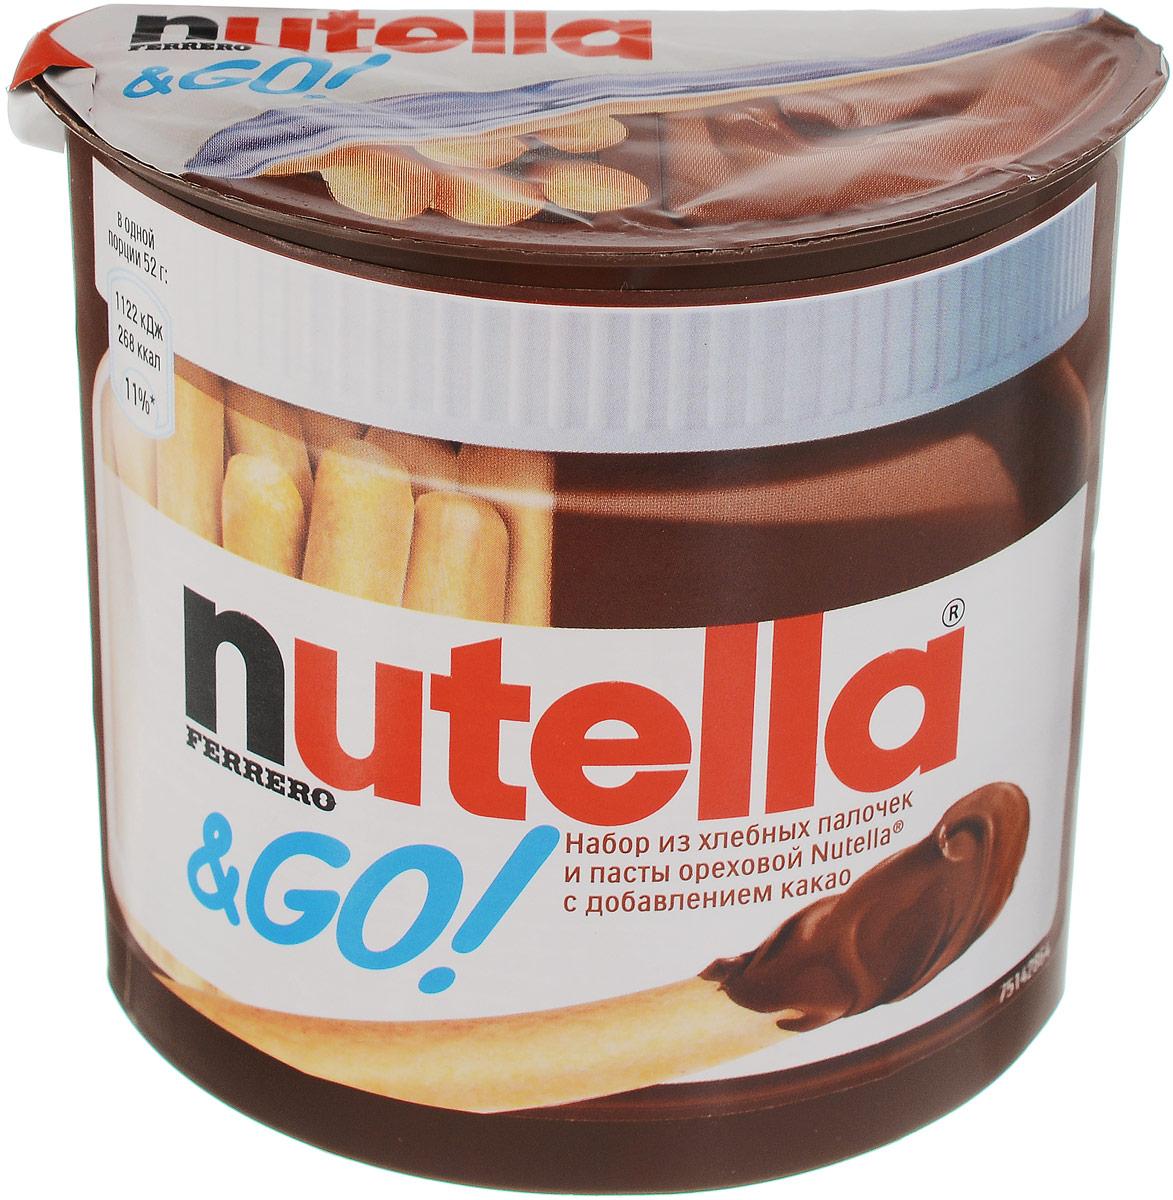 Nutella&Go: набор из хлебных палочек и пасты ореховой Nutella с добавлением какао, 52 г